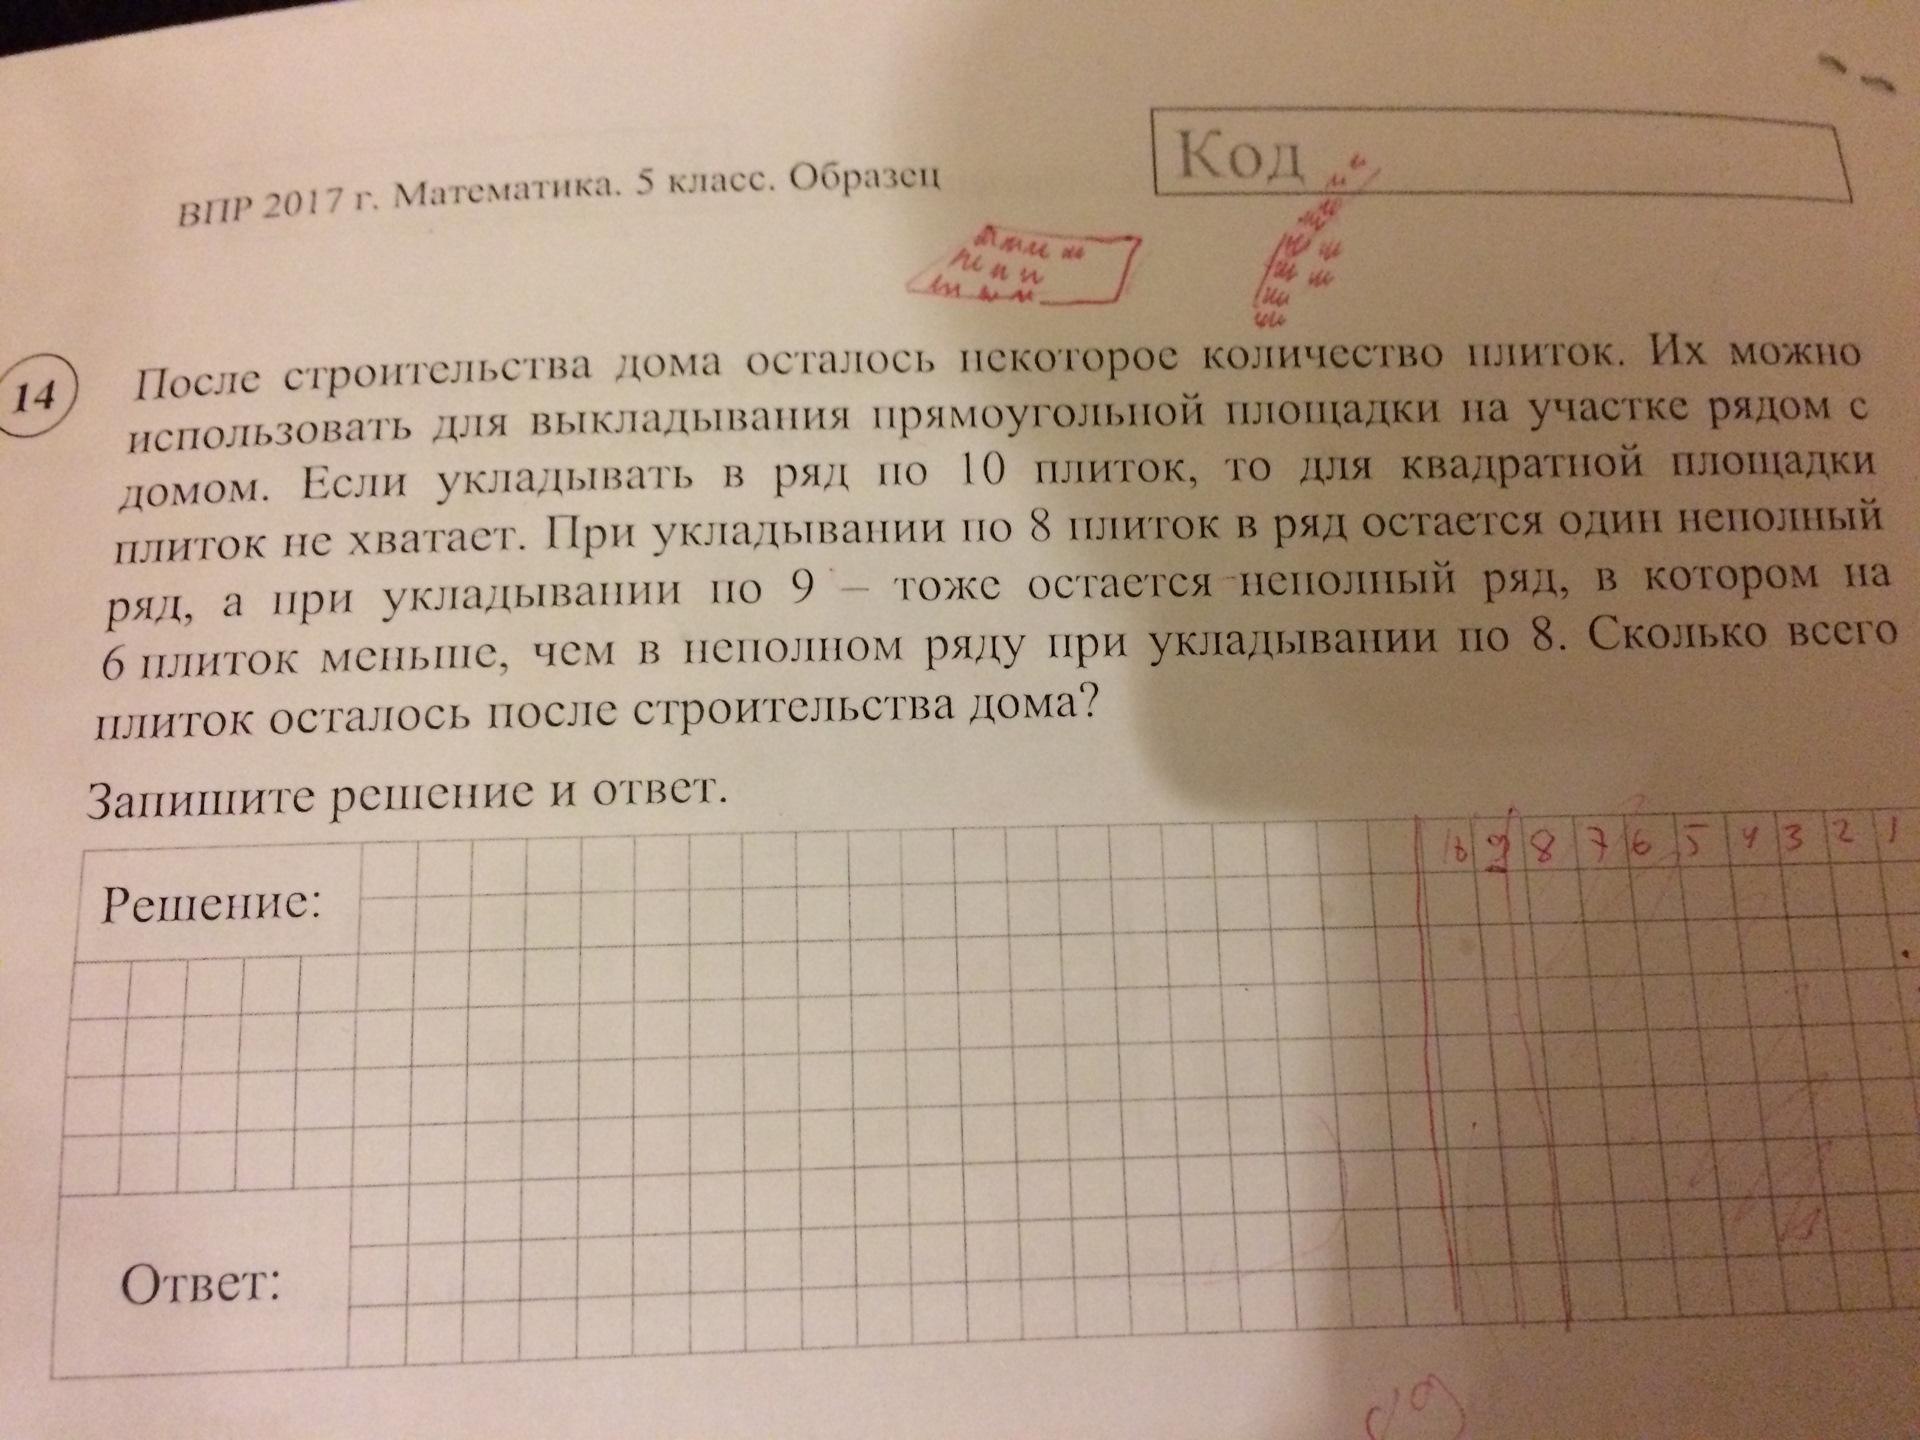 Все задачи пятого класса и их решения калькулятор для решения задач по математике